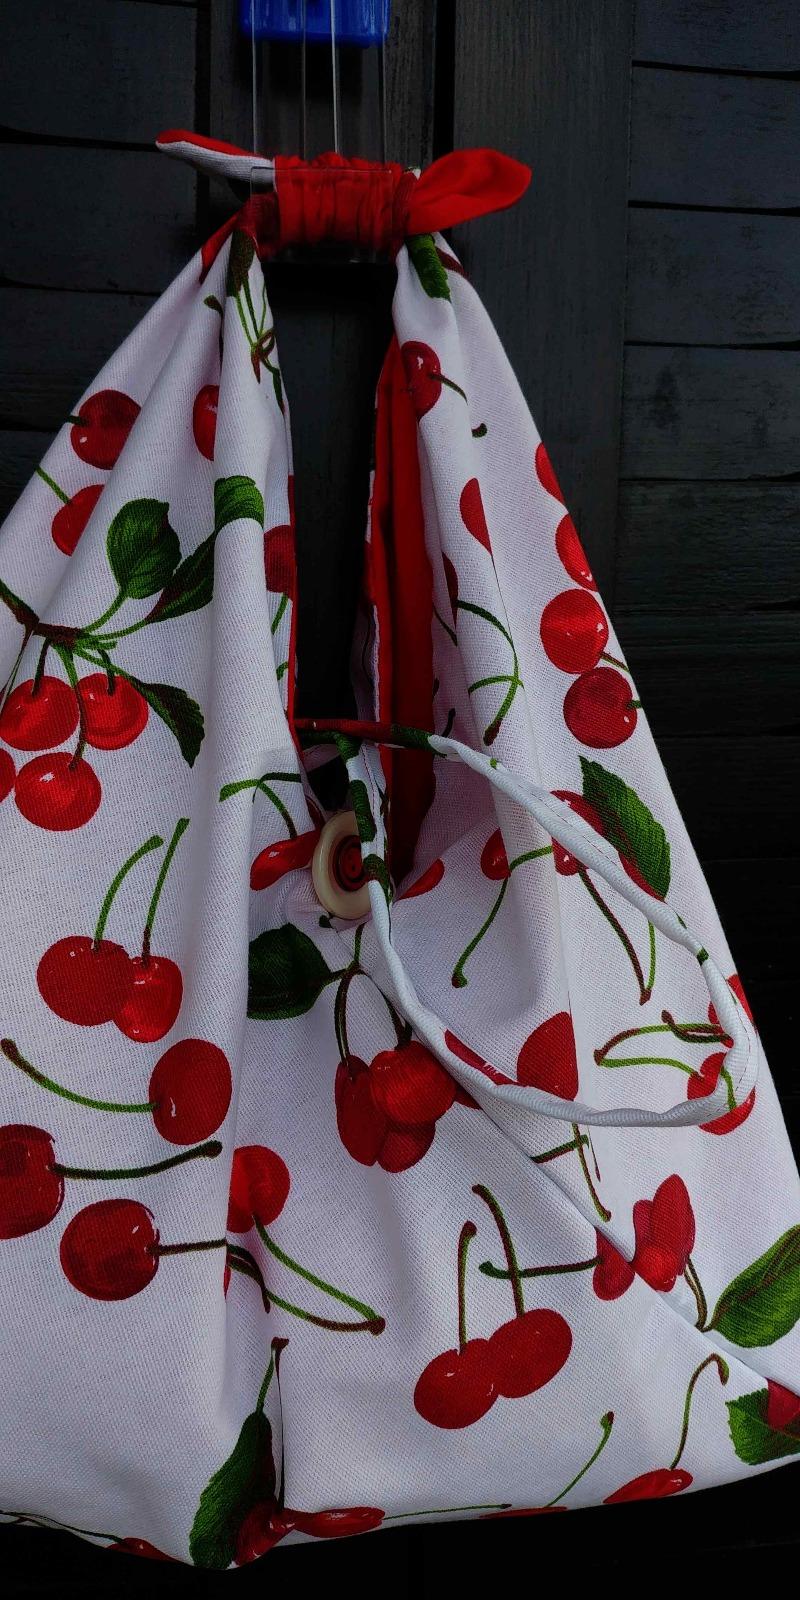 bag-cherries-origami